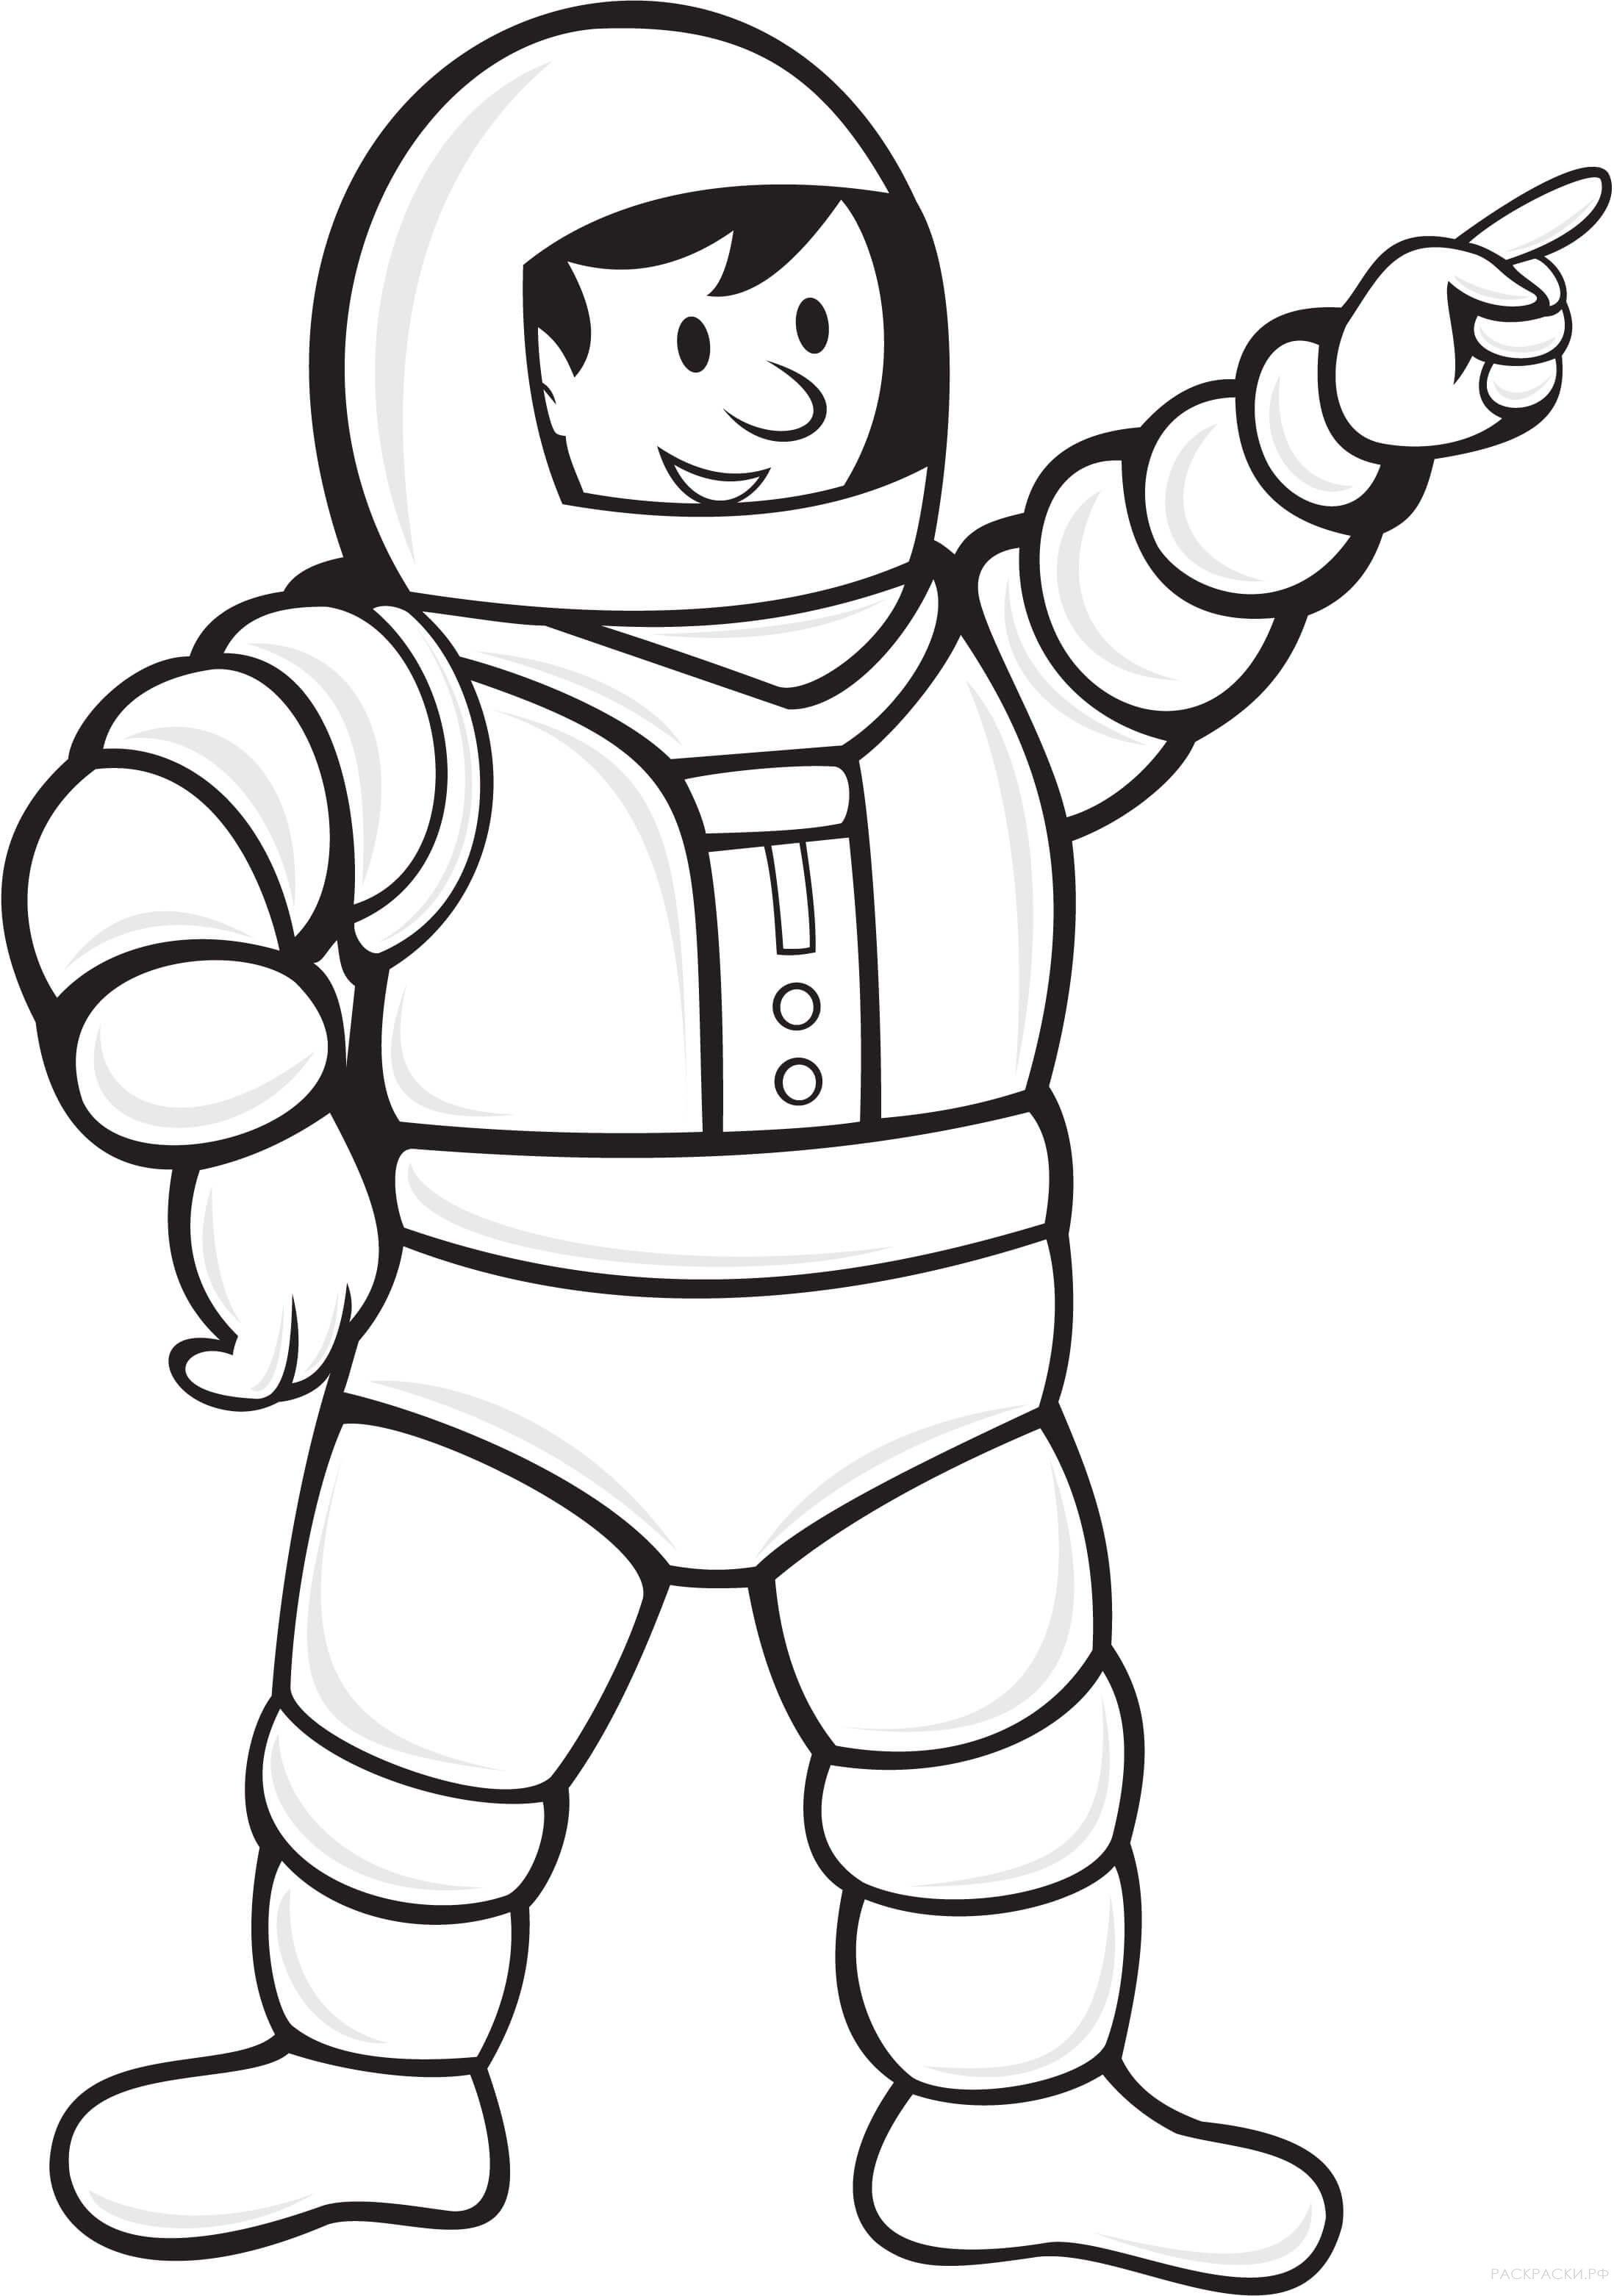 Картинки космонавт для раскраски